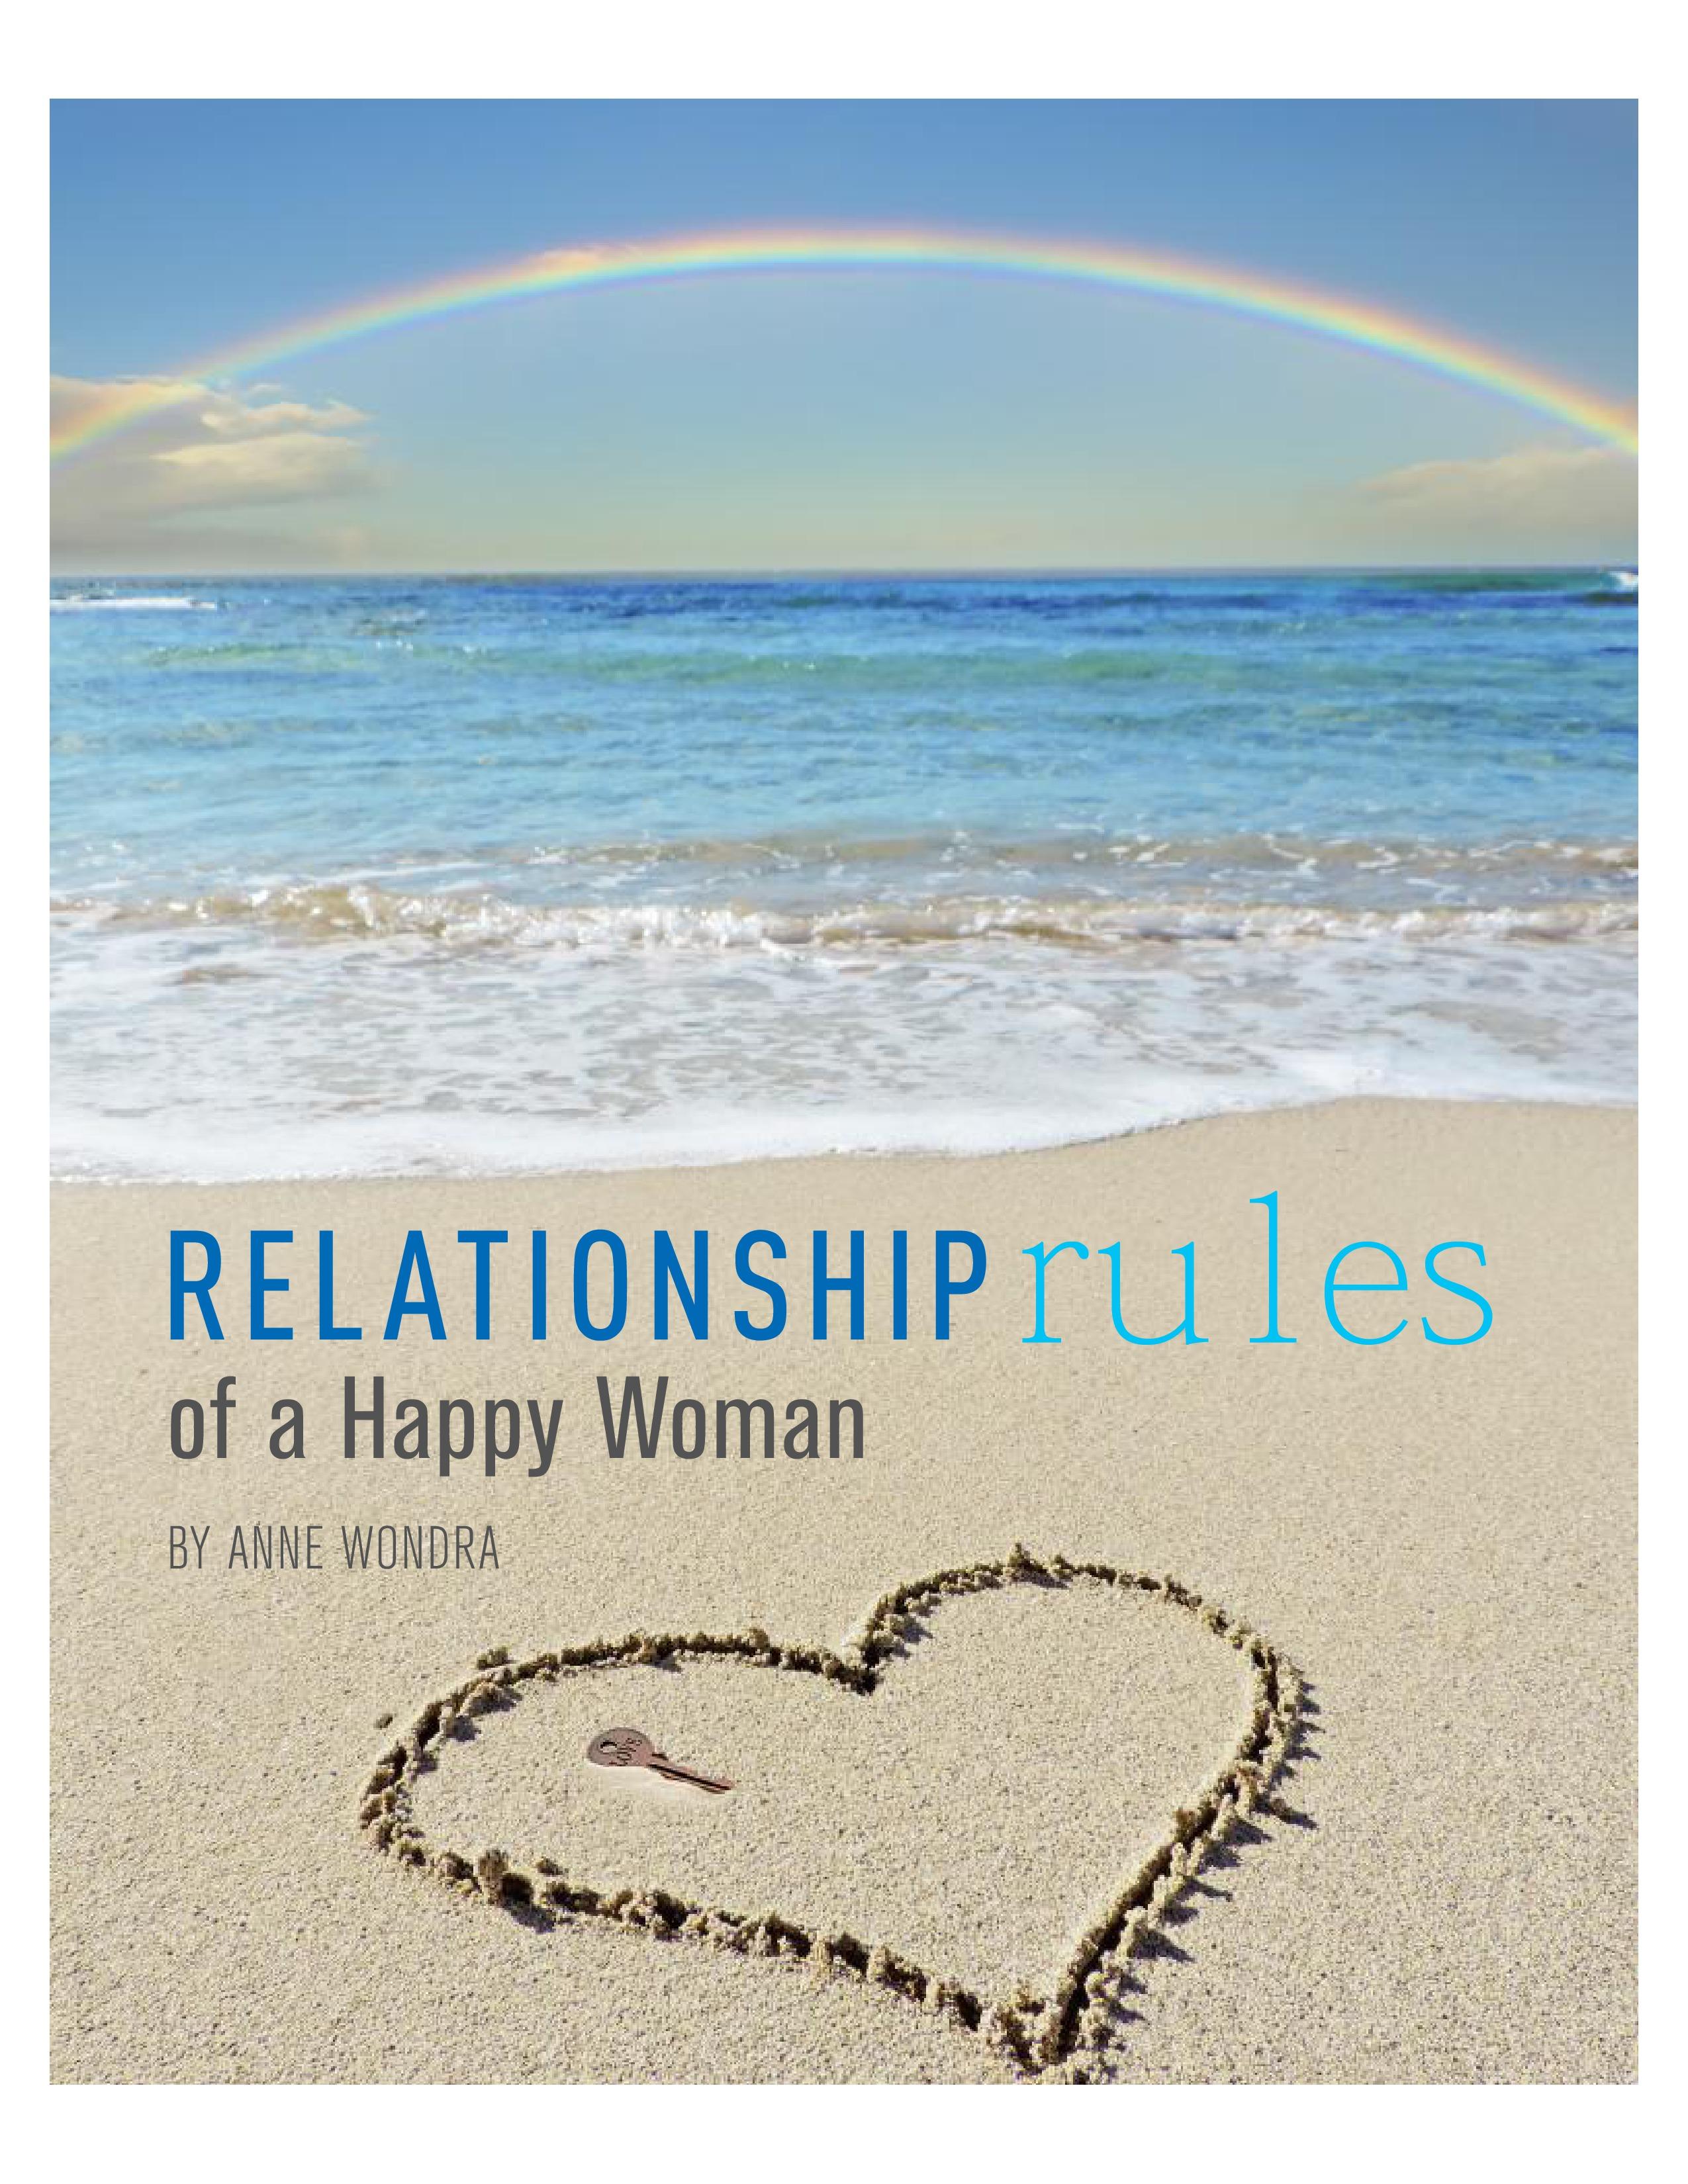 WS book coverv2.2